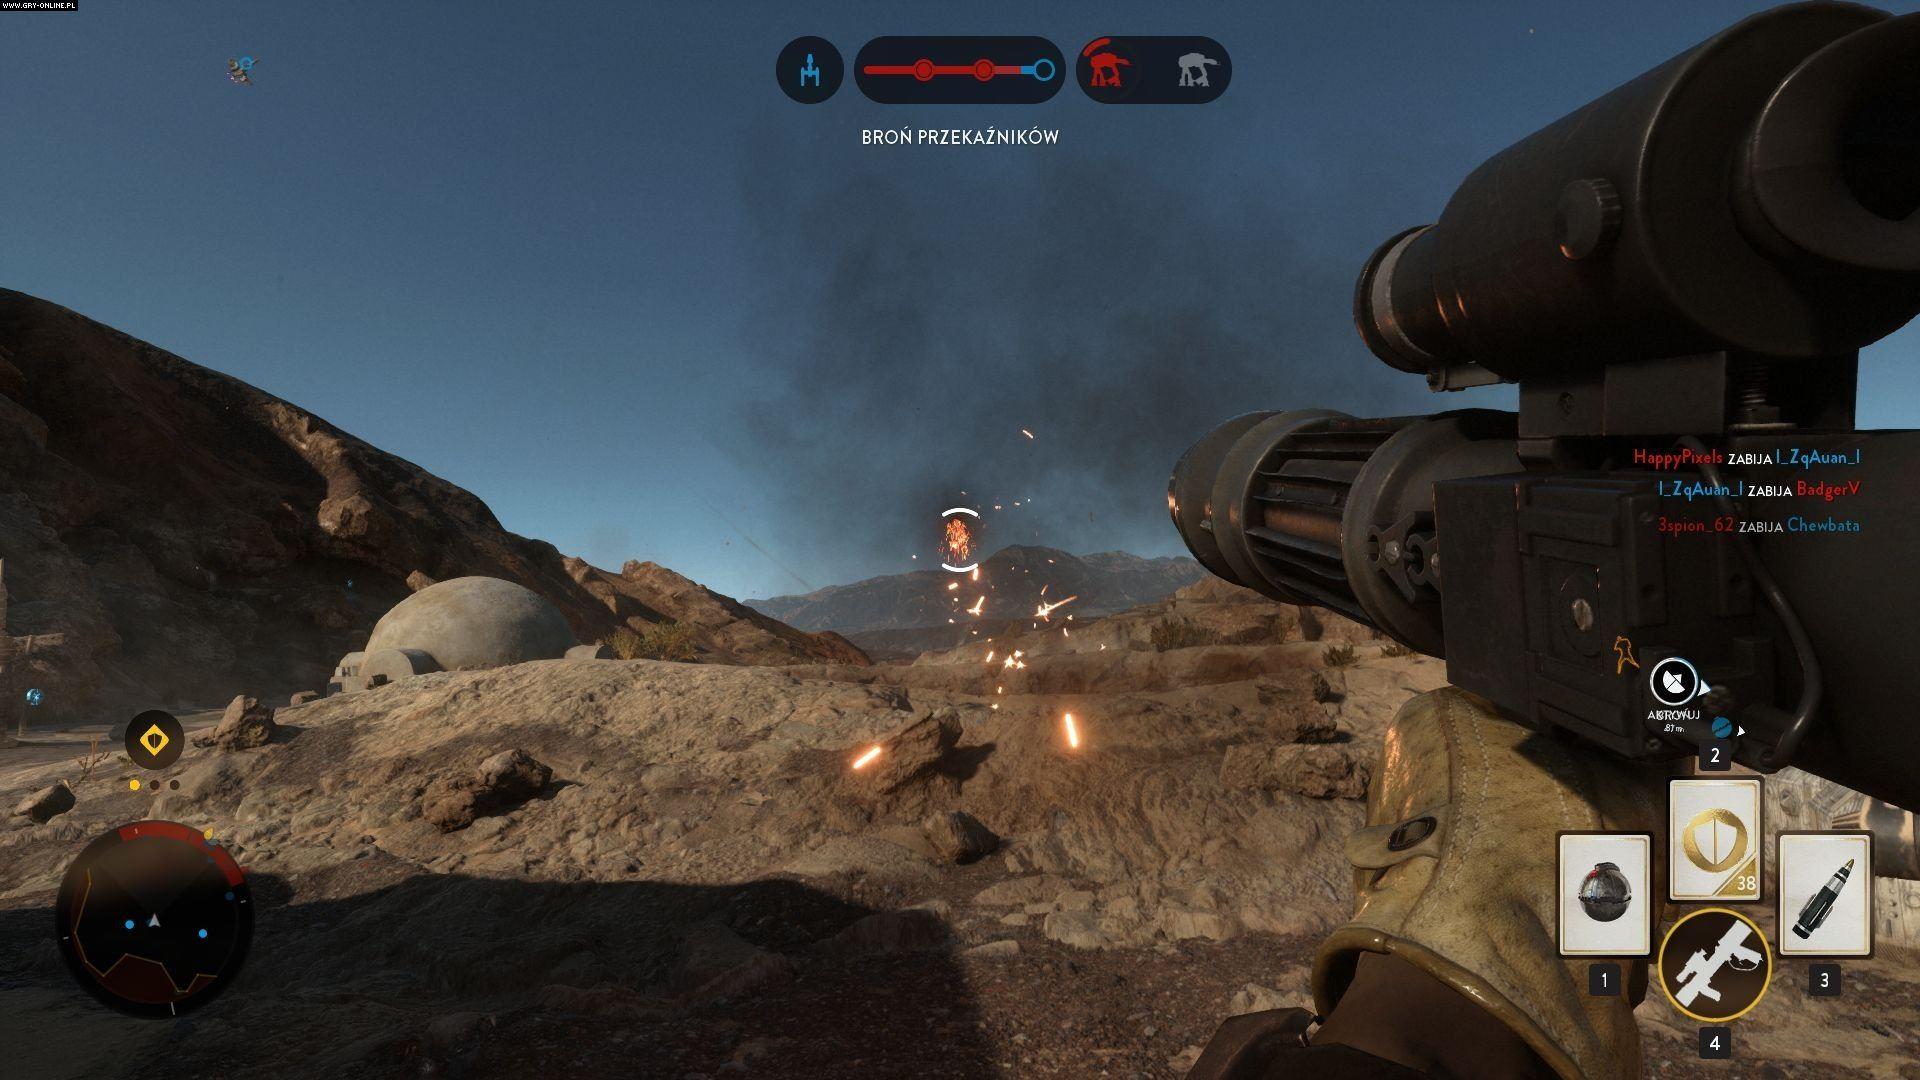 Star Wars Battlefront image #1